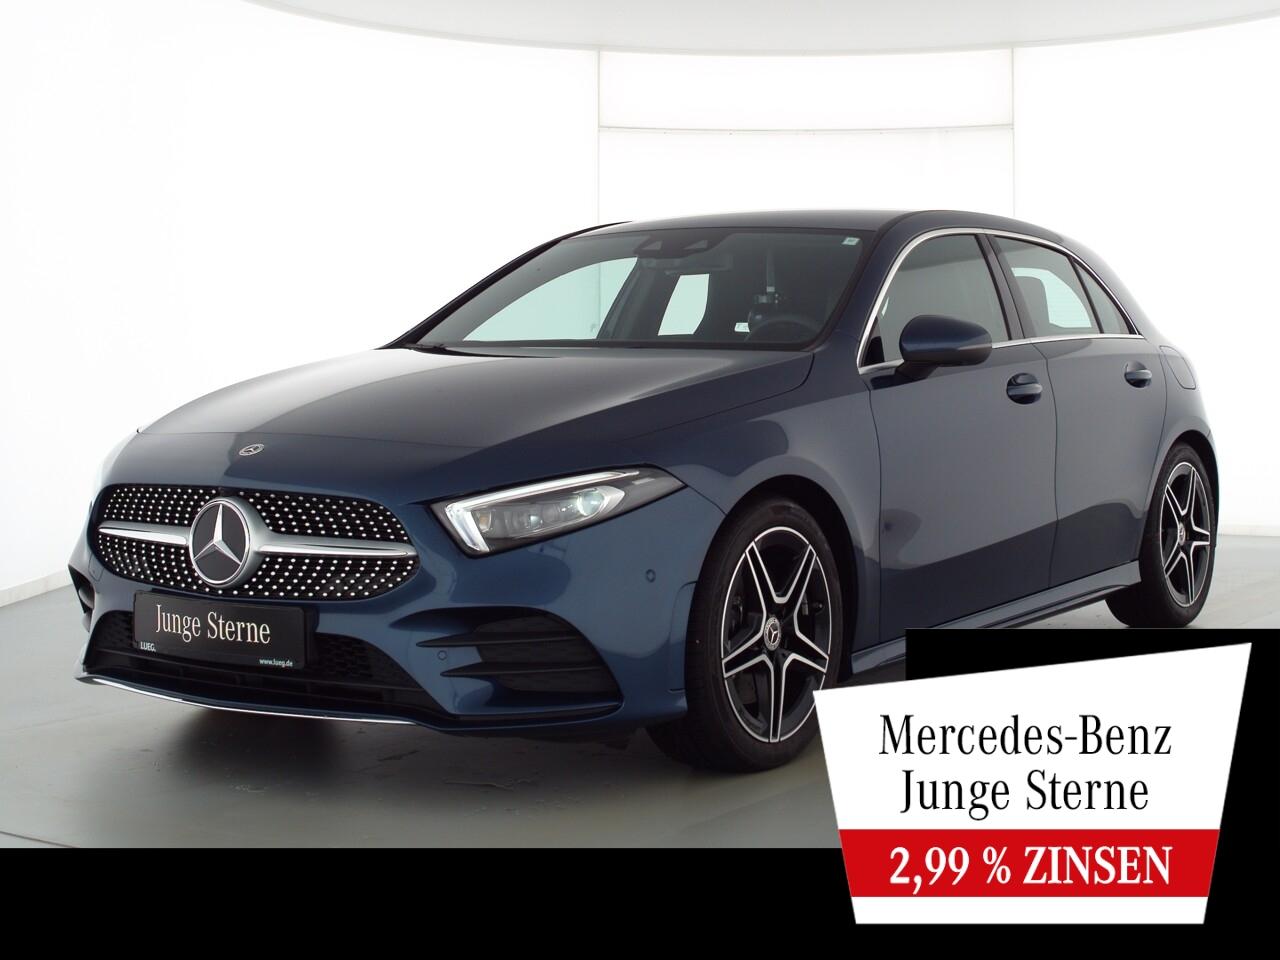 Mercedes-Benz A 220 d 4M AMG+MBUXHighEnd+Mbeam+Sound+Totw+360°, Jahr 2020, Diesel